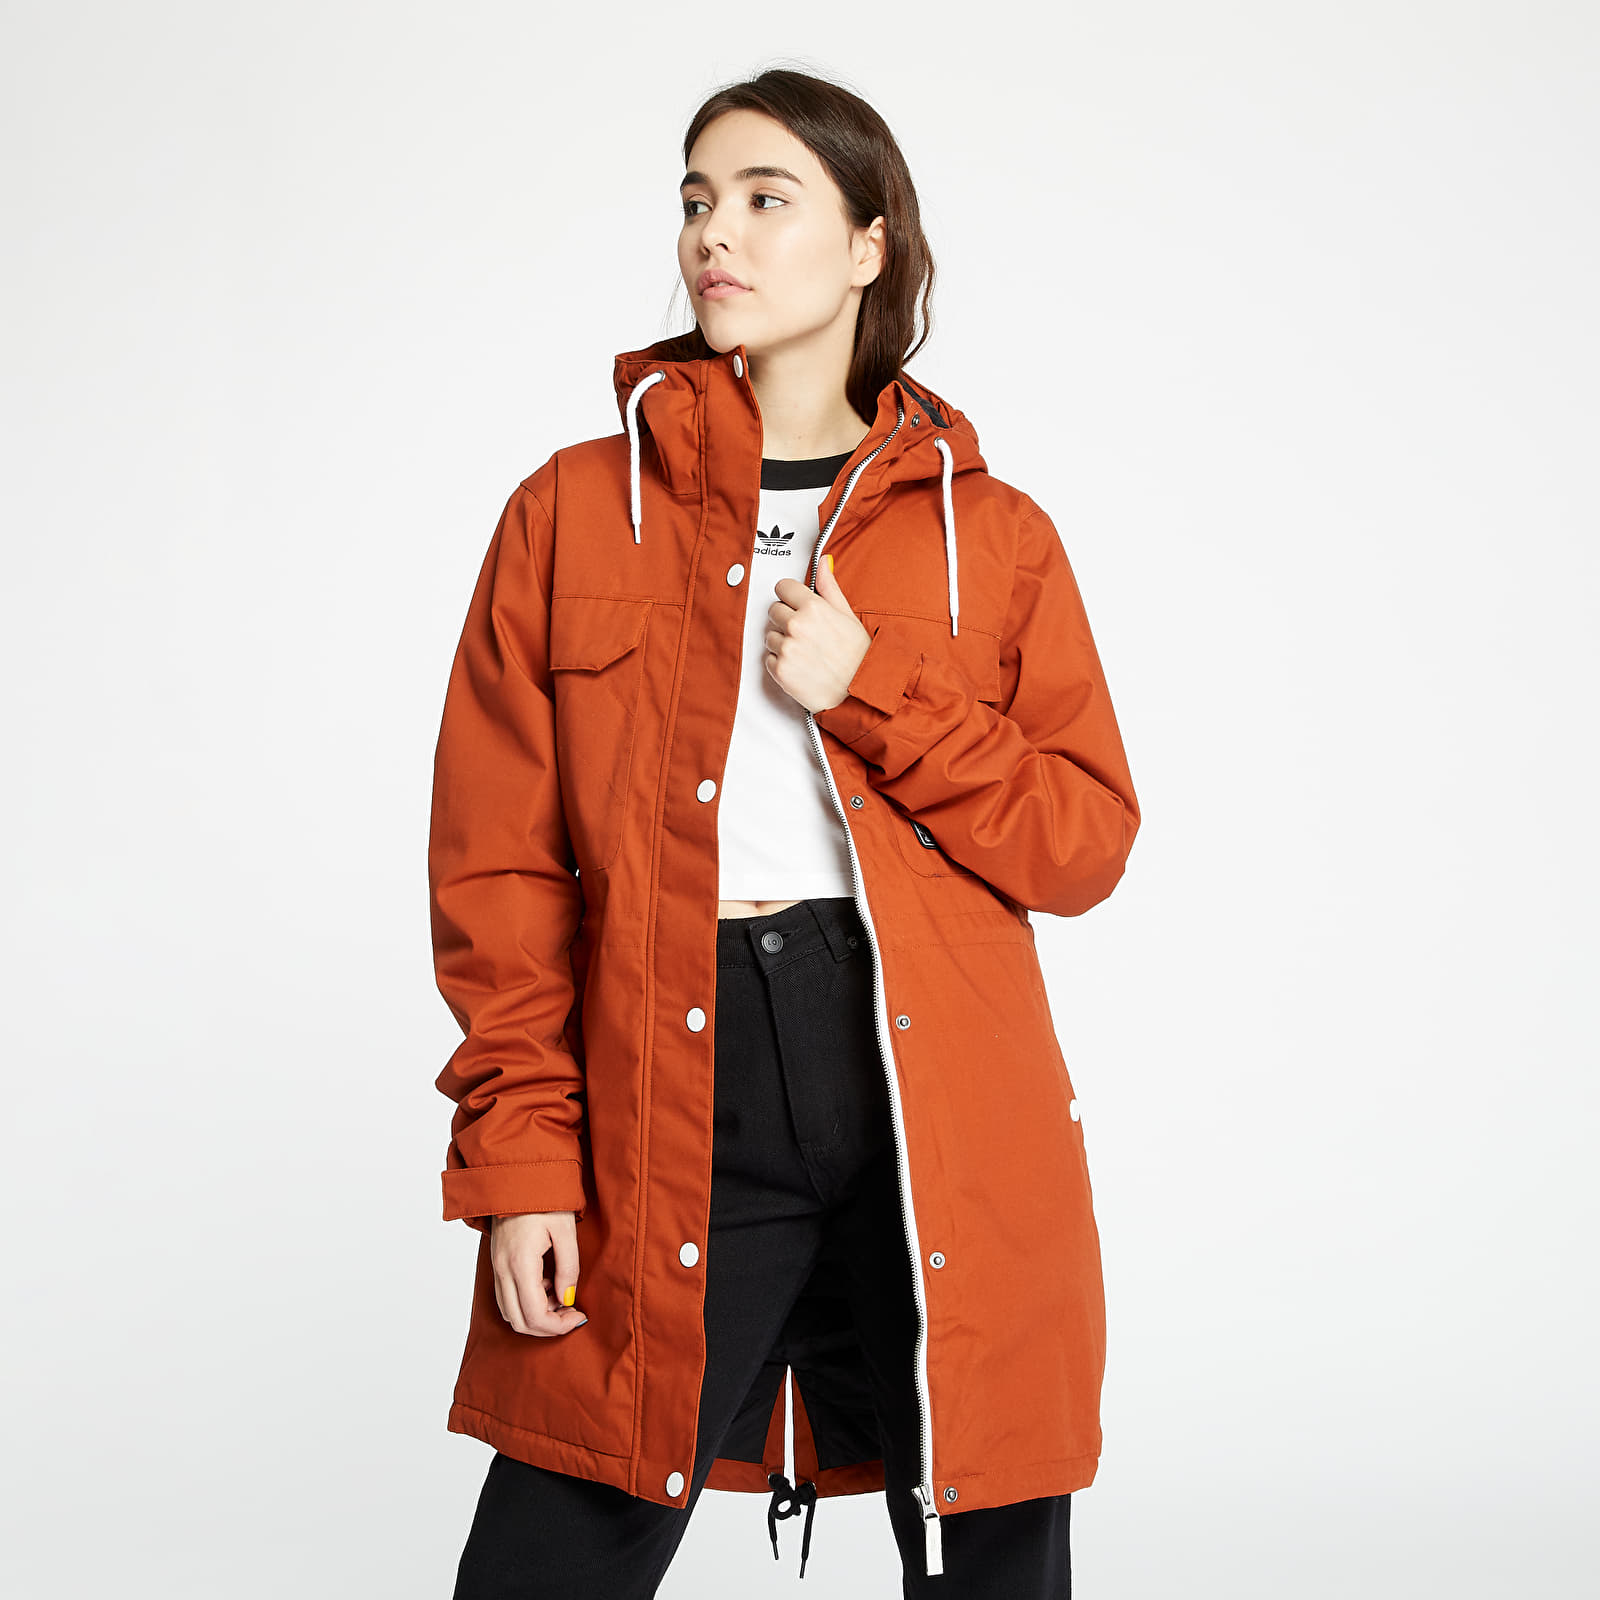 Îmbrăcăminte femei Horsefeathers Clara Jacket Leather Brown